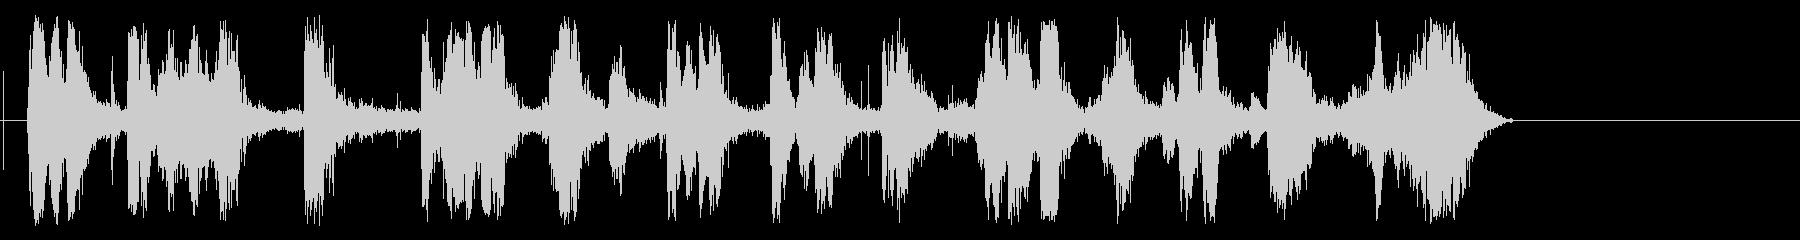 チャマルティンメガホントレインの未再生の波形